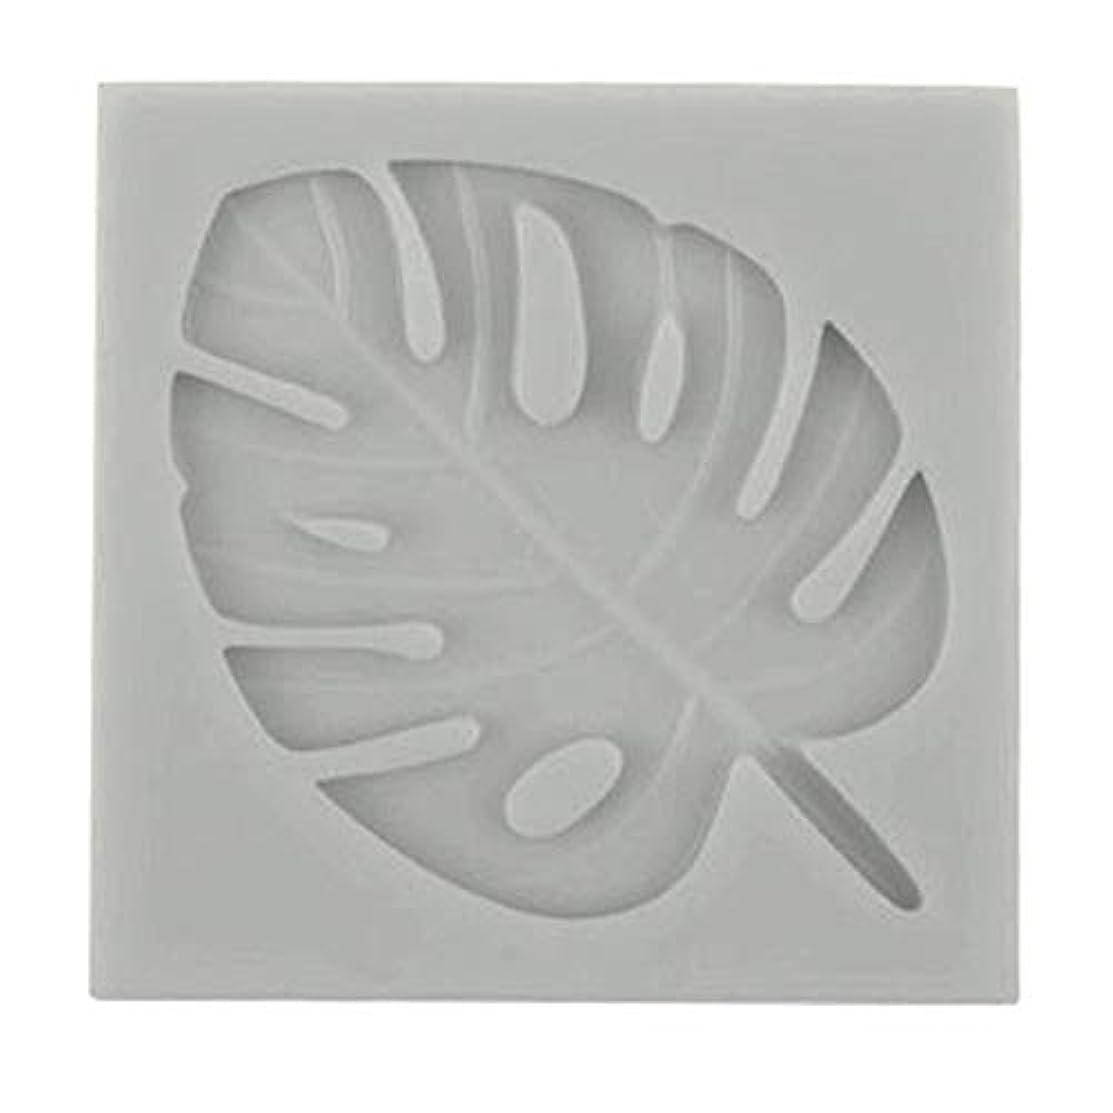 Paradise8 Silicone Fondant Mold Cake Decor Chocolate Sugarcraft Baking Tools Turtle Leaves (Gray)